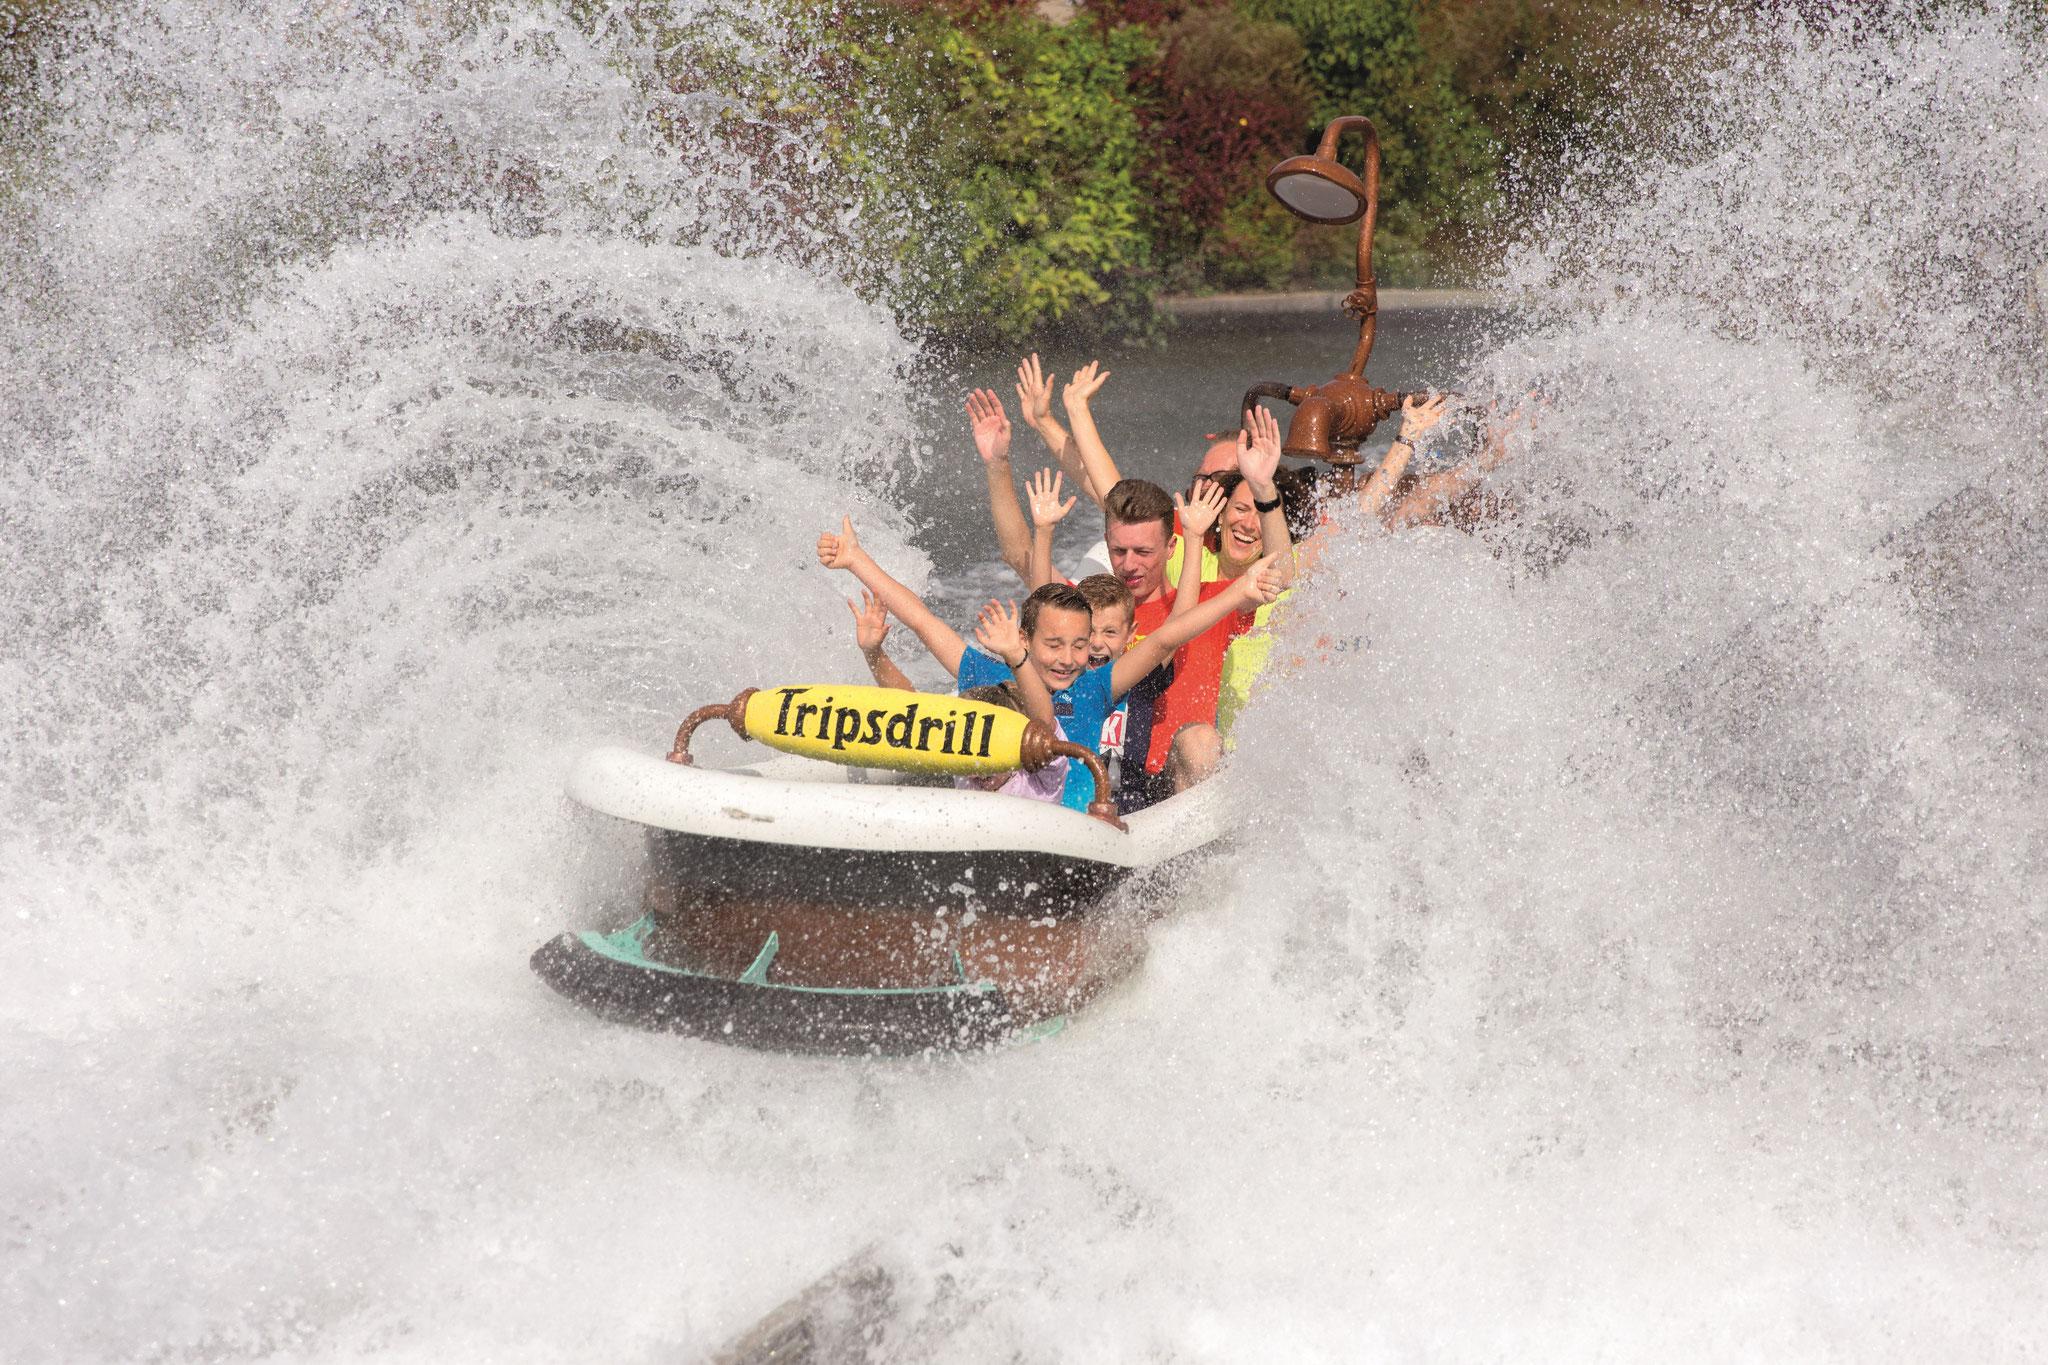 Badewannenfahrt zum Jungbrunnen - Die Wildwasser-Schussfahrt sorgt für spritziges Vergnügen